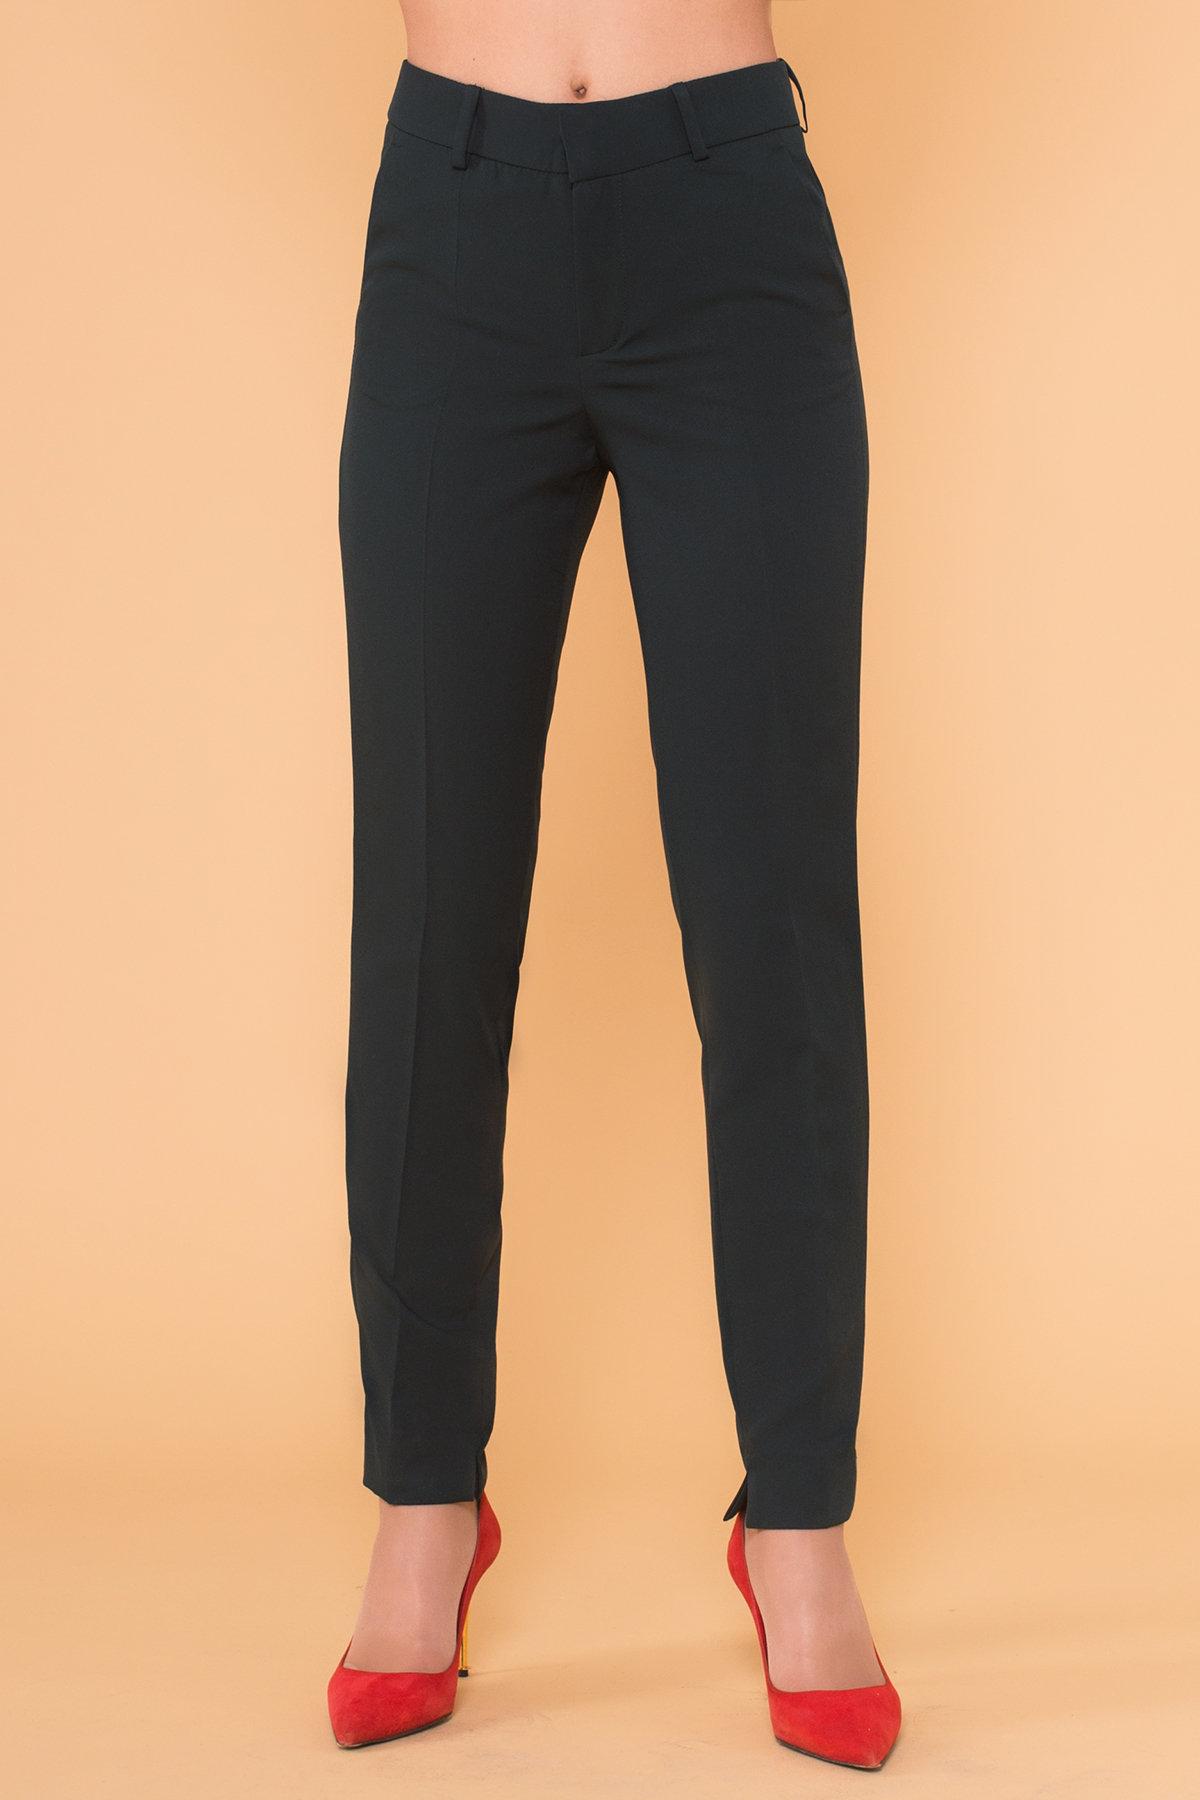 Базовые брюки со стрелками Эдвин 2467 АРТ. 17364 Цвет: Темно-зеленый - фото 3, интернет магазин tm-modus.ru